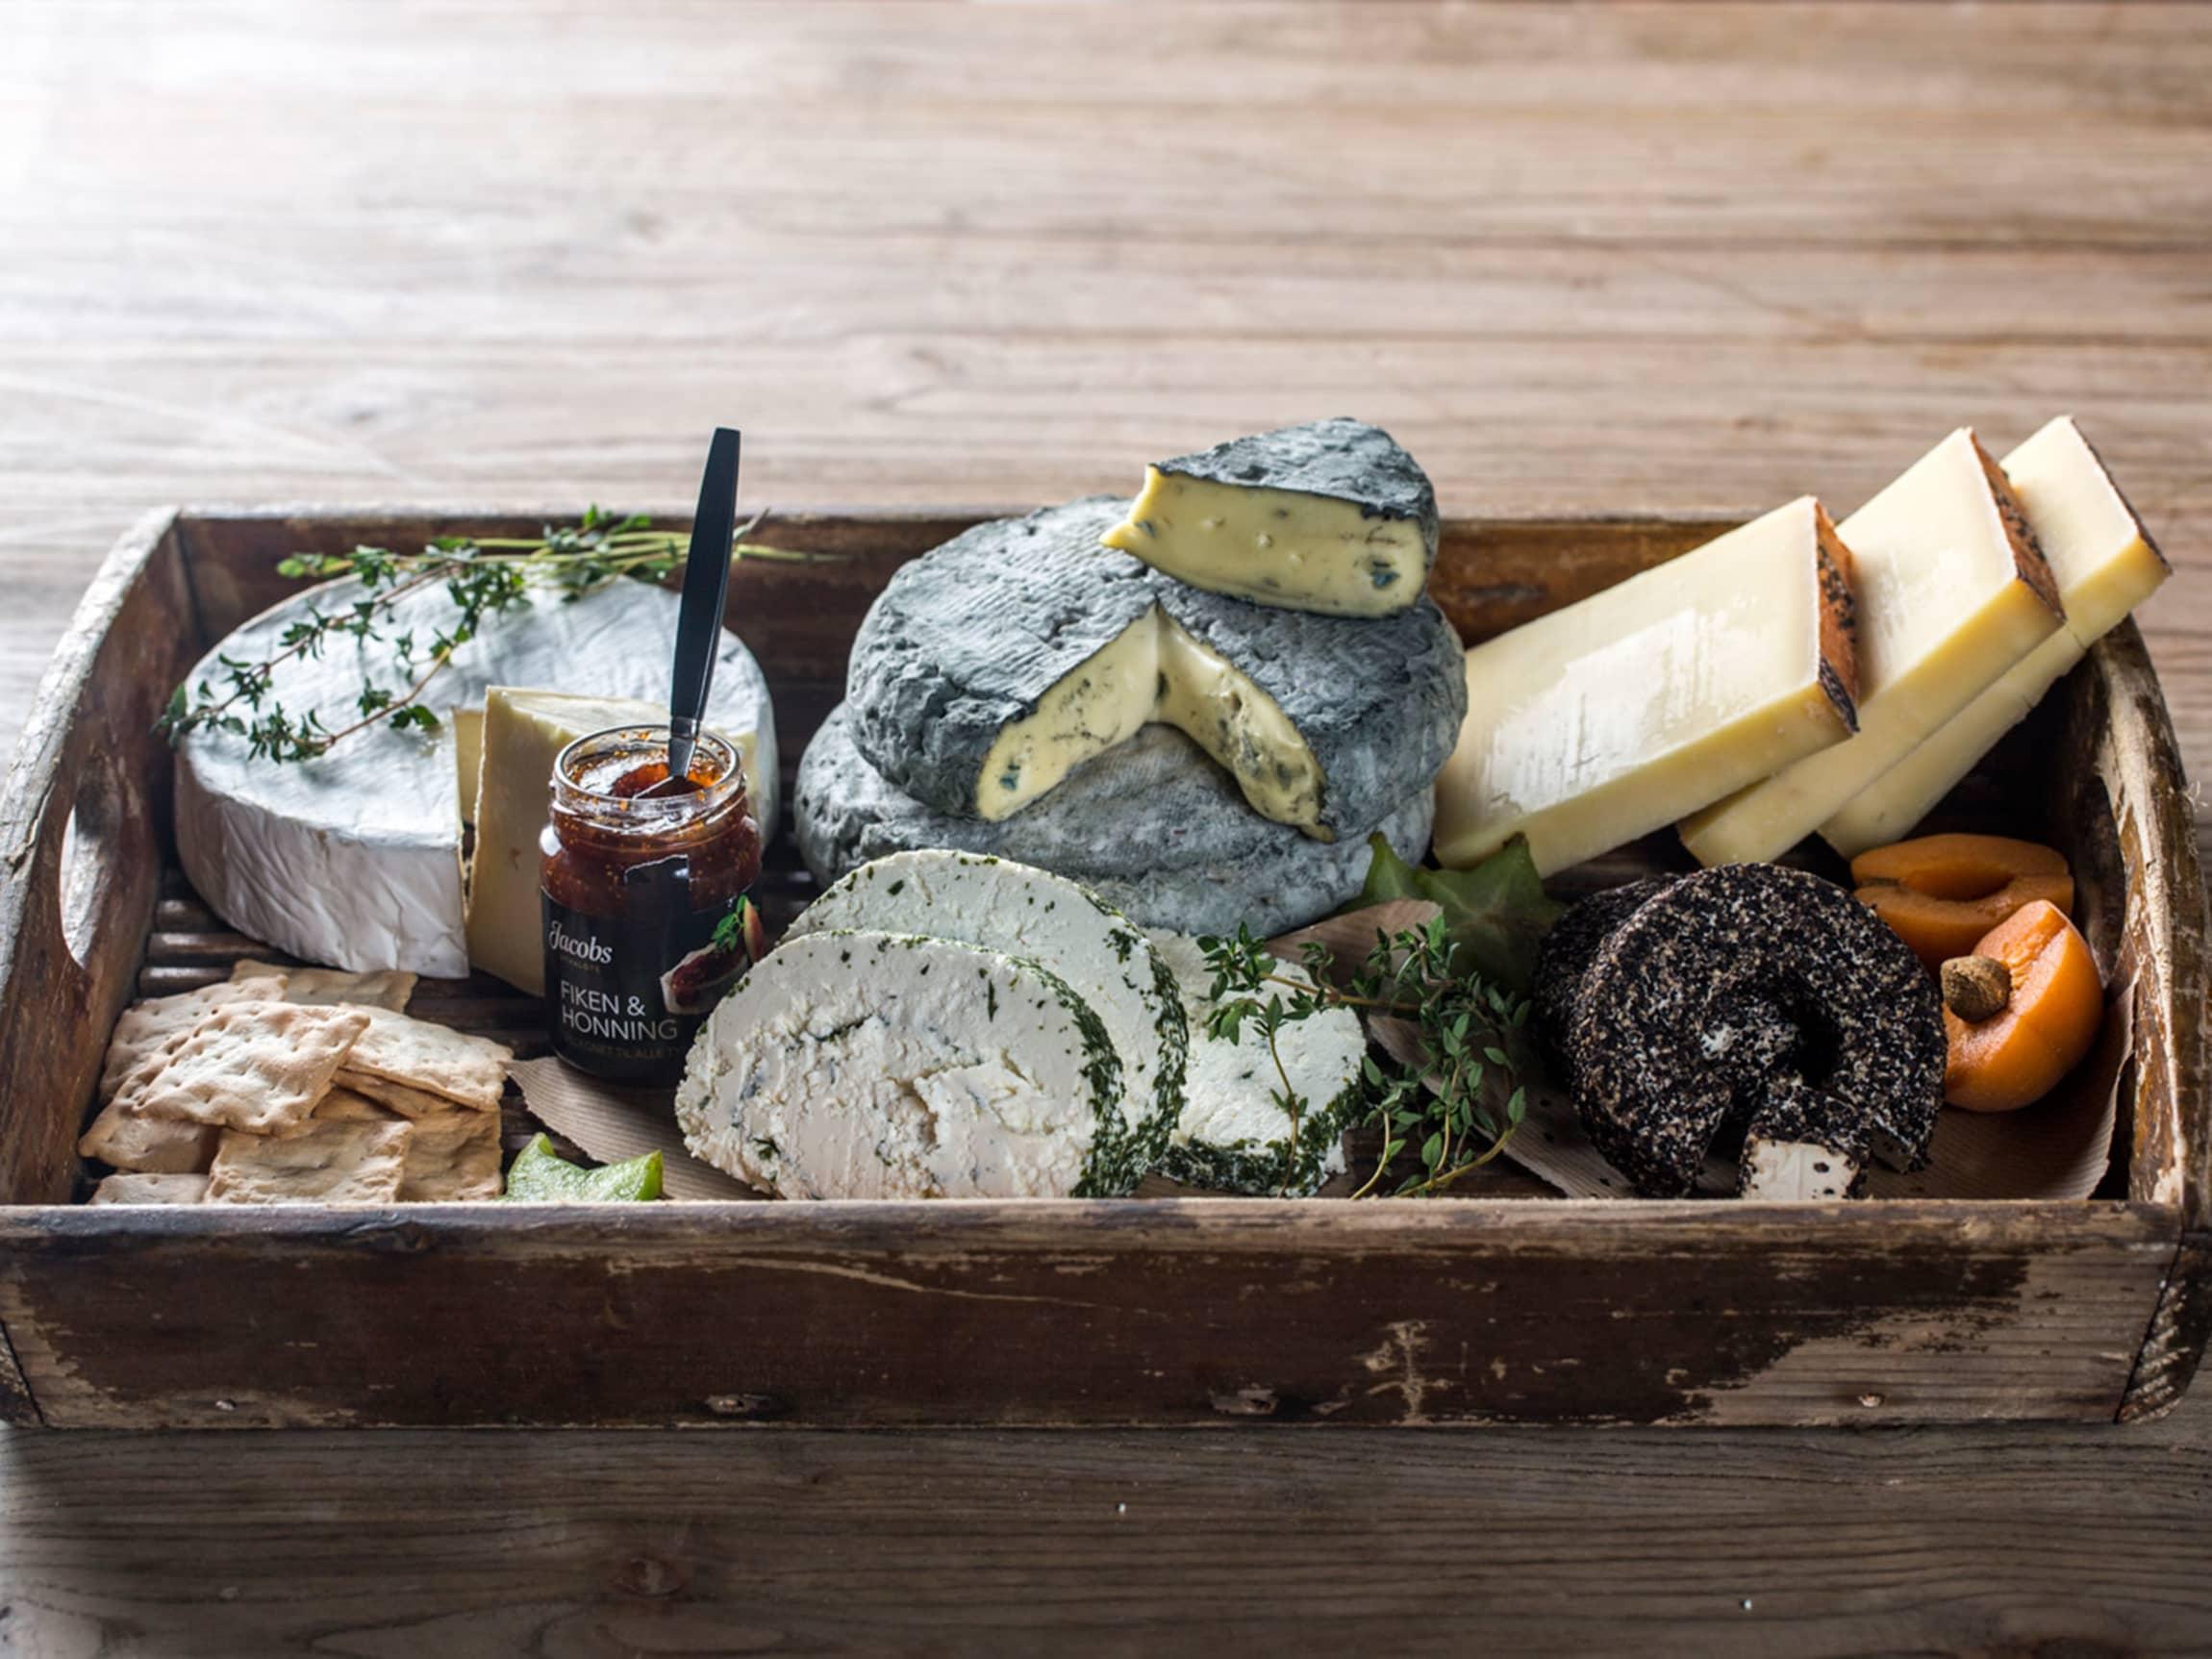 Et ostefat kan være like fint til middag som til dessert. Her kan du by på utallige kombinasjoner av ost, syltetøy, frukt og kjeks!